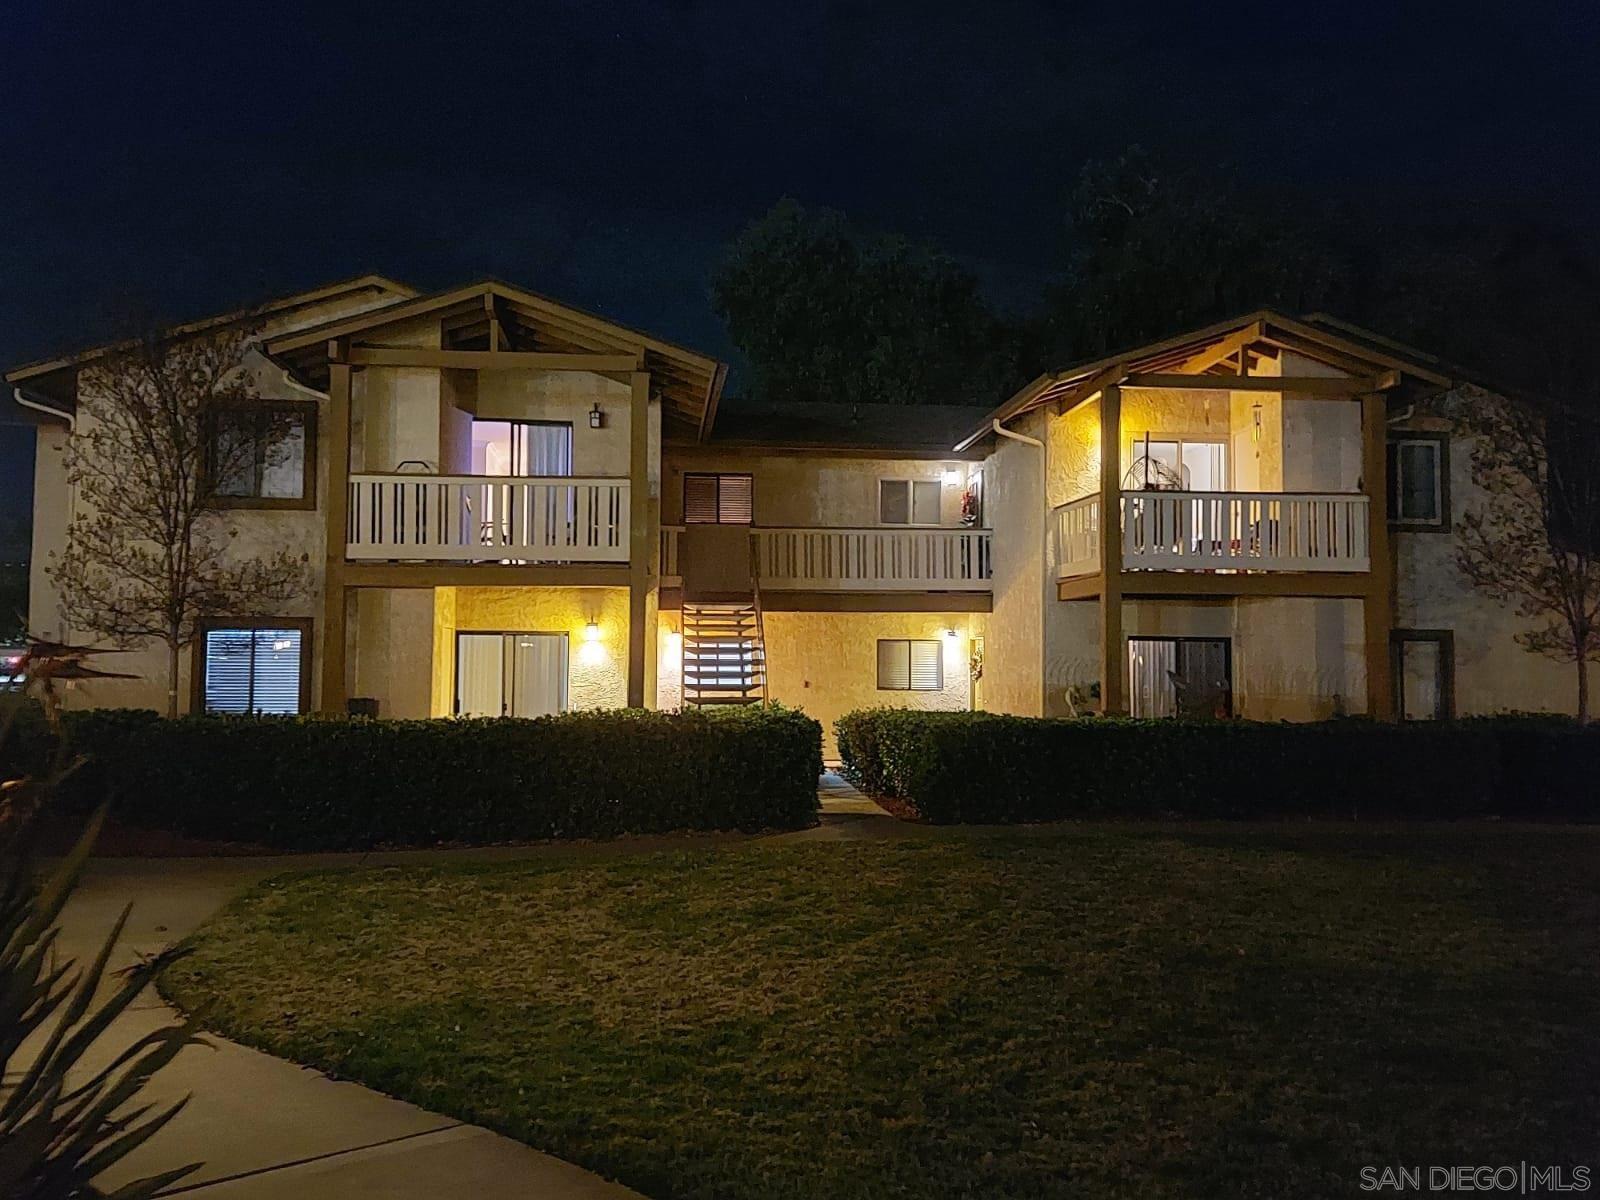 Photo of 1423 Graves Ave #113, El Cajon, CA 92021 (MLS # 210009058)